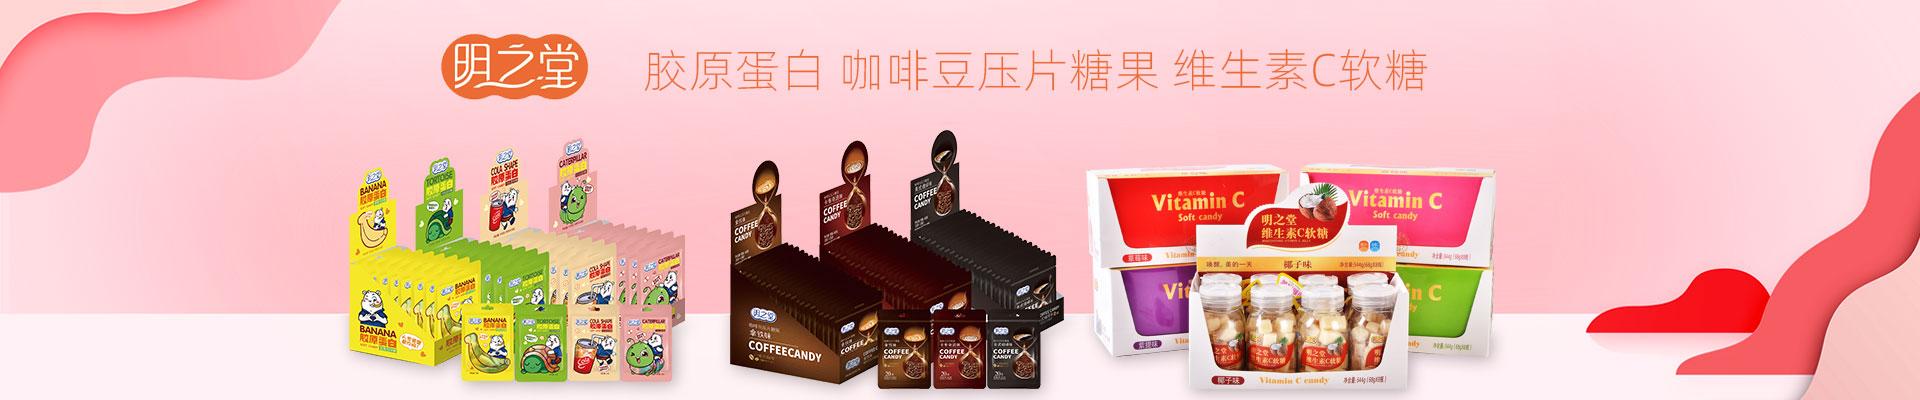 香港福美贸易有限公司